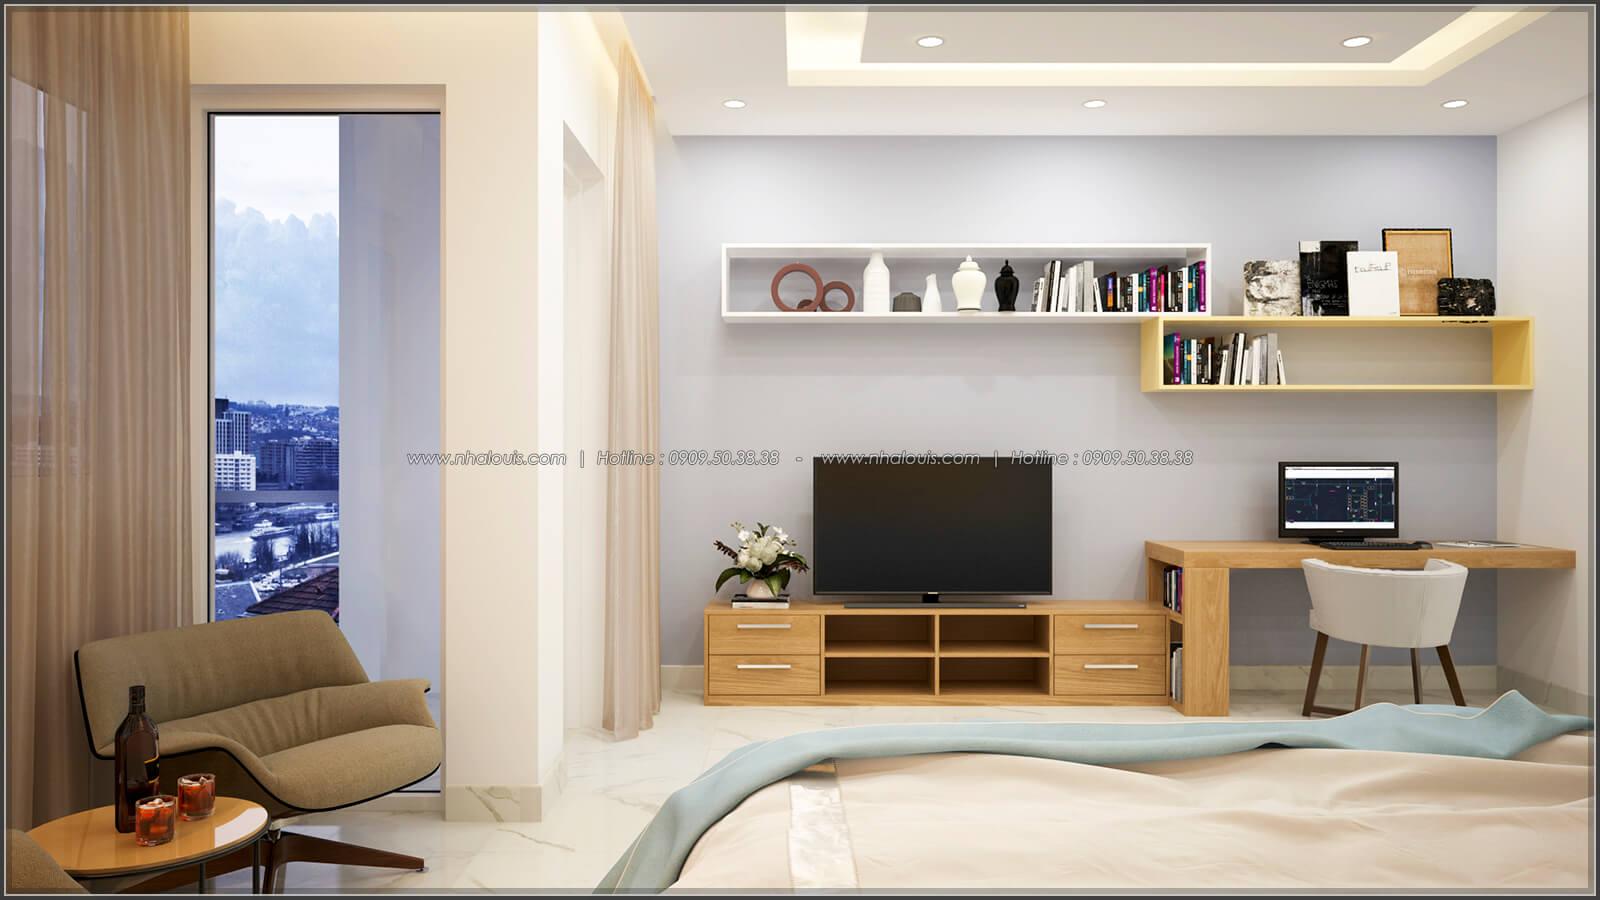 Phòng ngủ Thiết kế nhà ở kết hợp kinh doanh với master sang chảnh quận 8 - 10